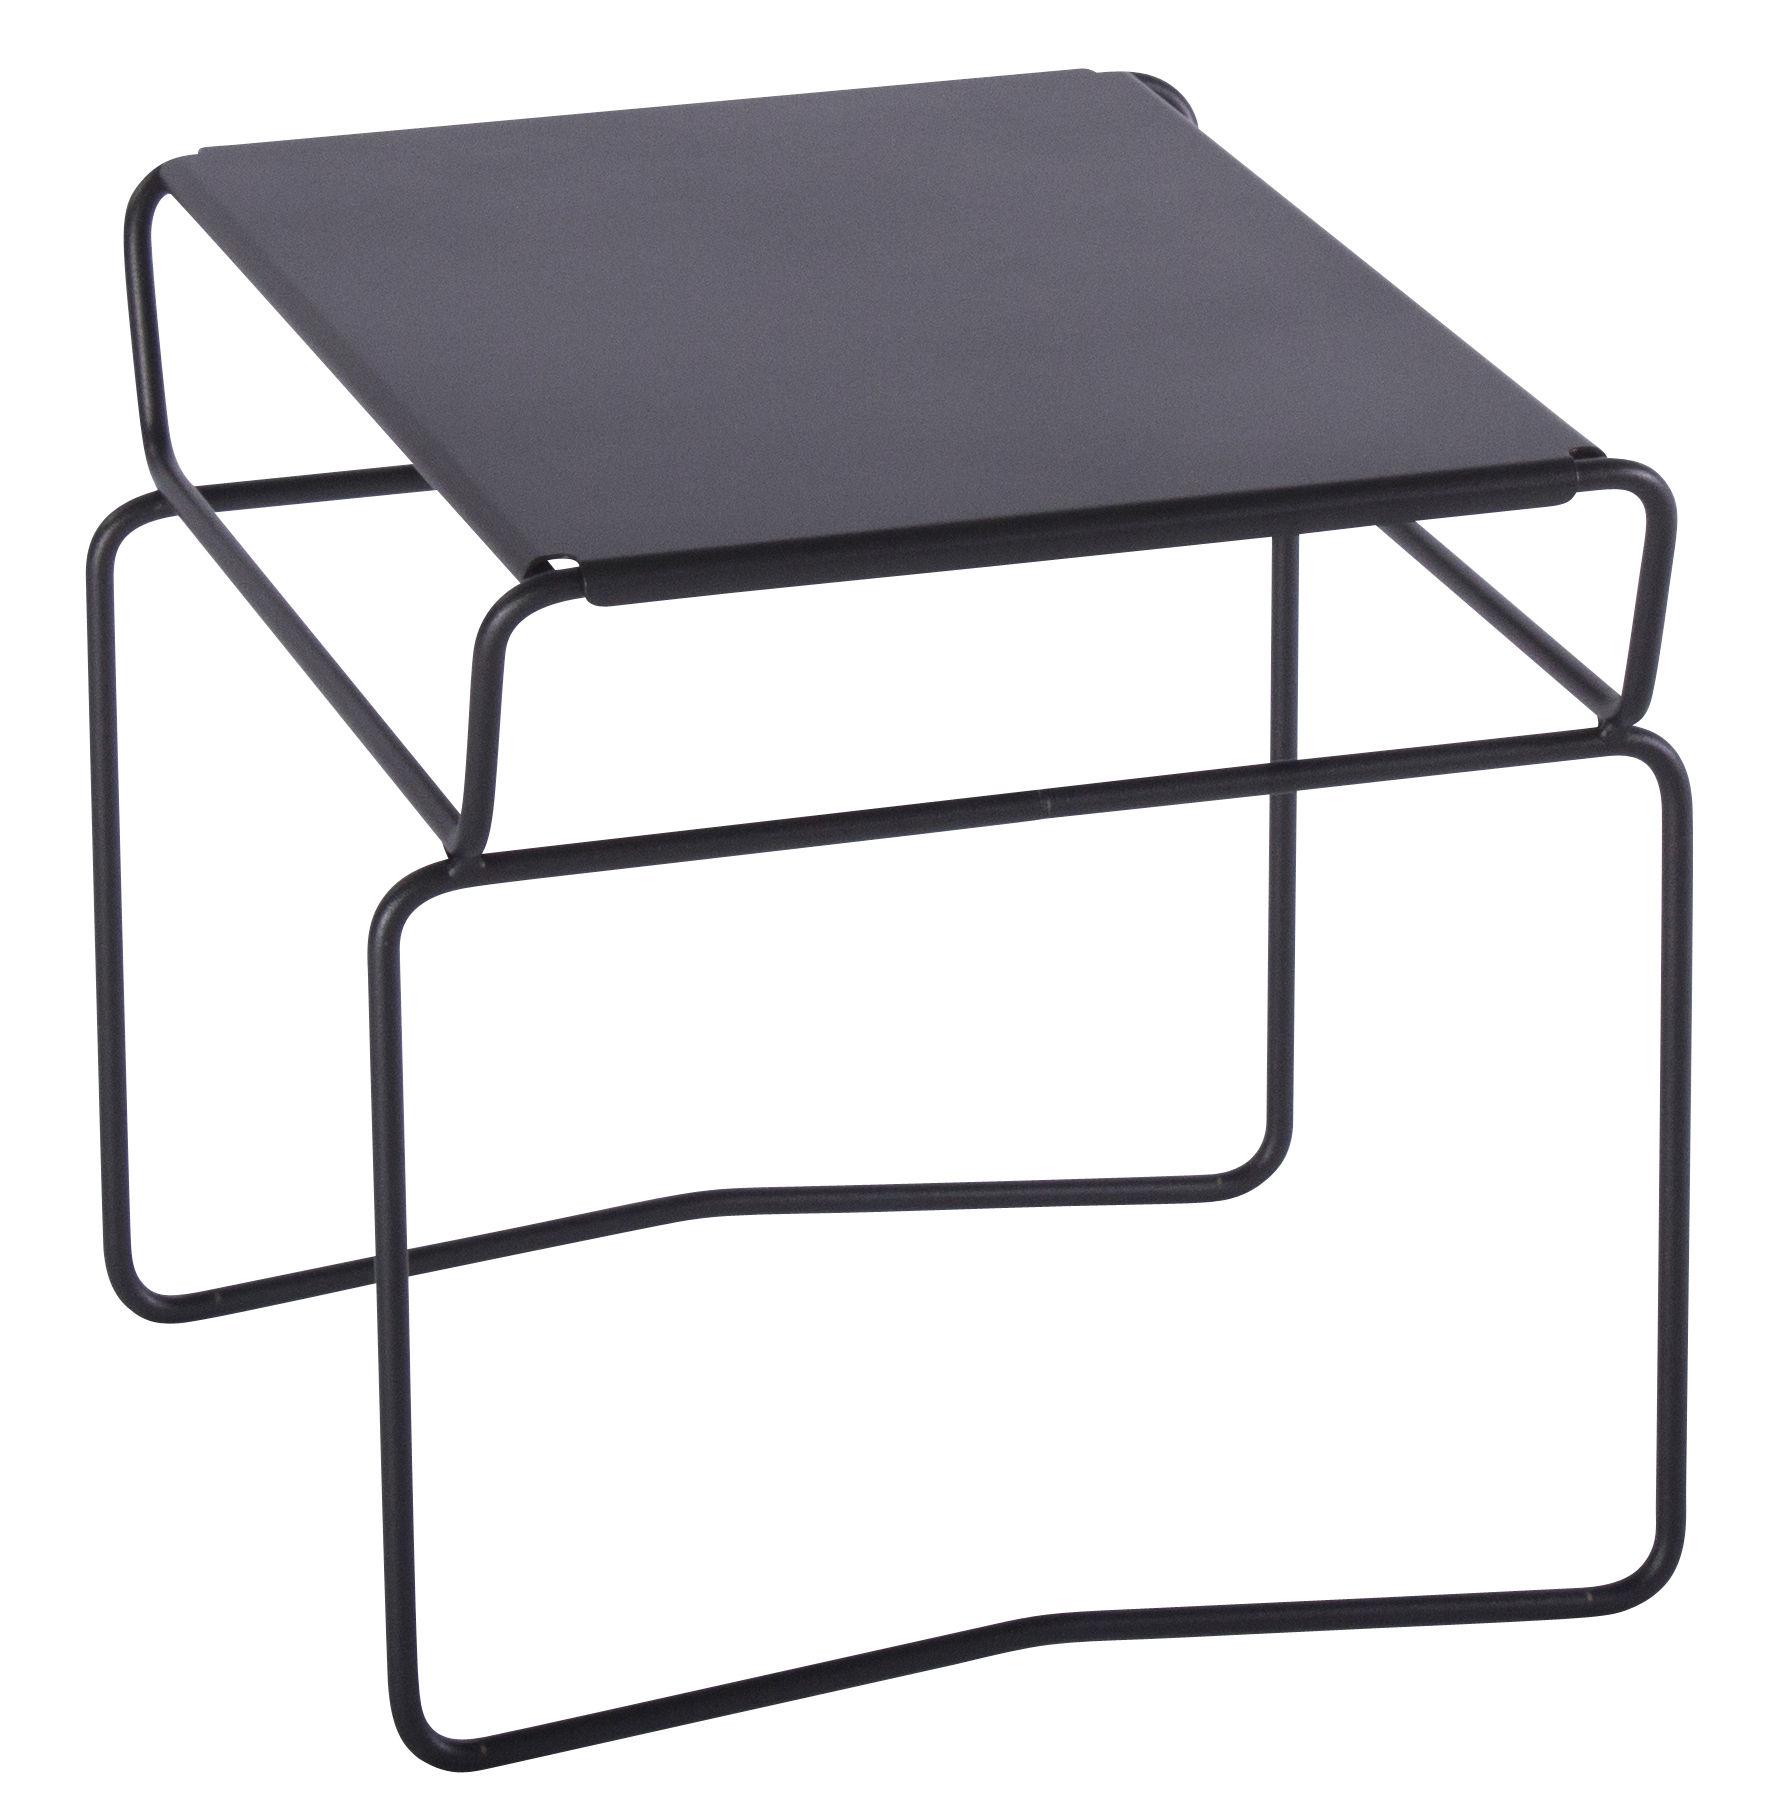 Mobilier - Tables basses - Table basse Fil  Confort / 46 x 41 cm - AA-New Design - Plateau Noir / Structure Noire - Acier laqué époxy